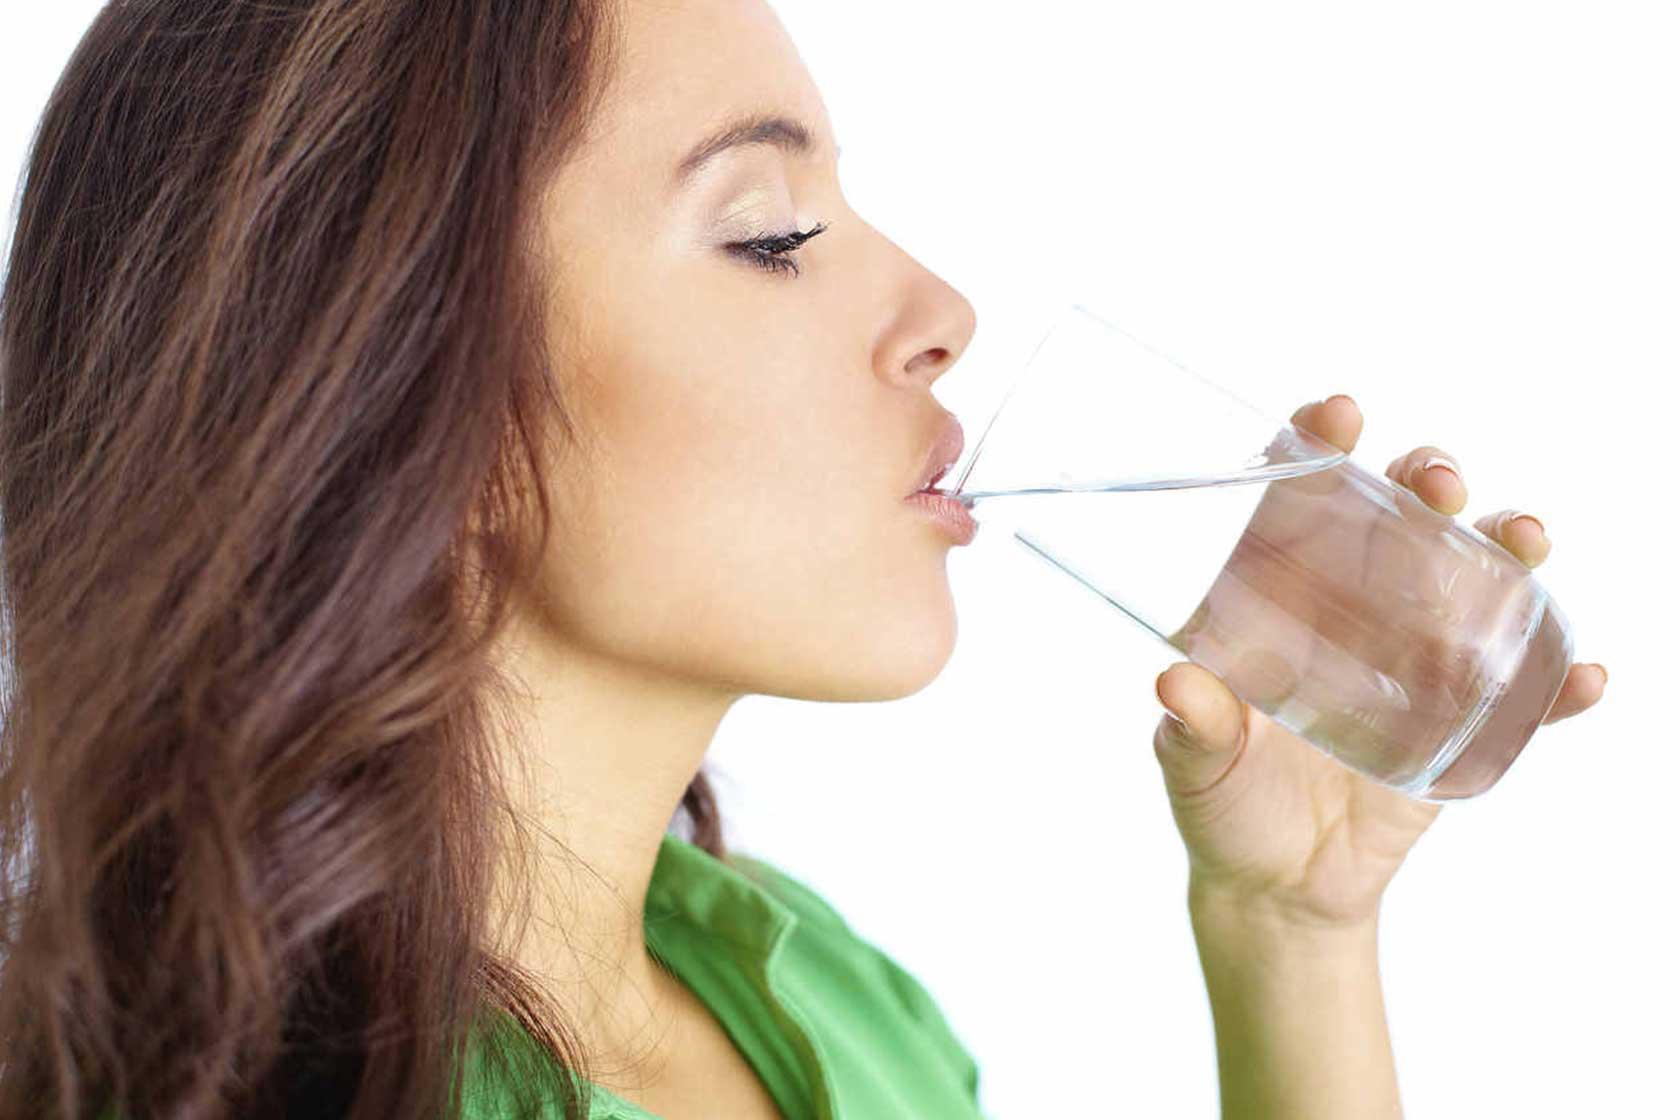 물 면역력을 강화하는 9가지 식품